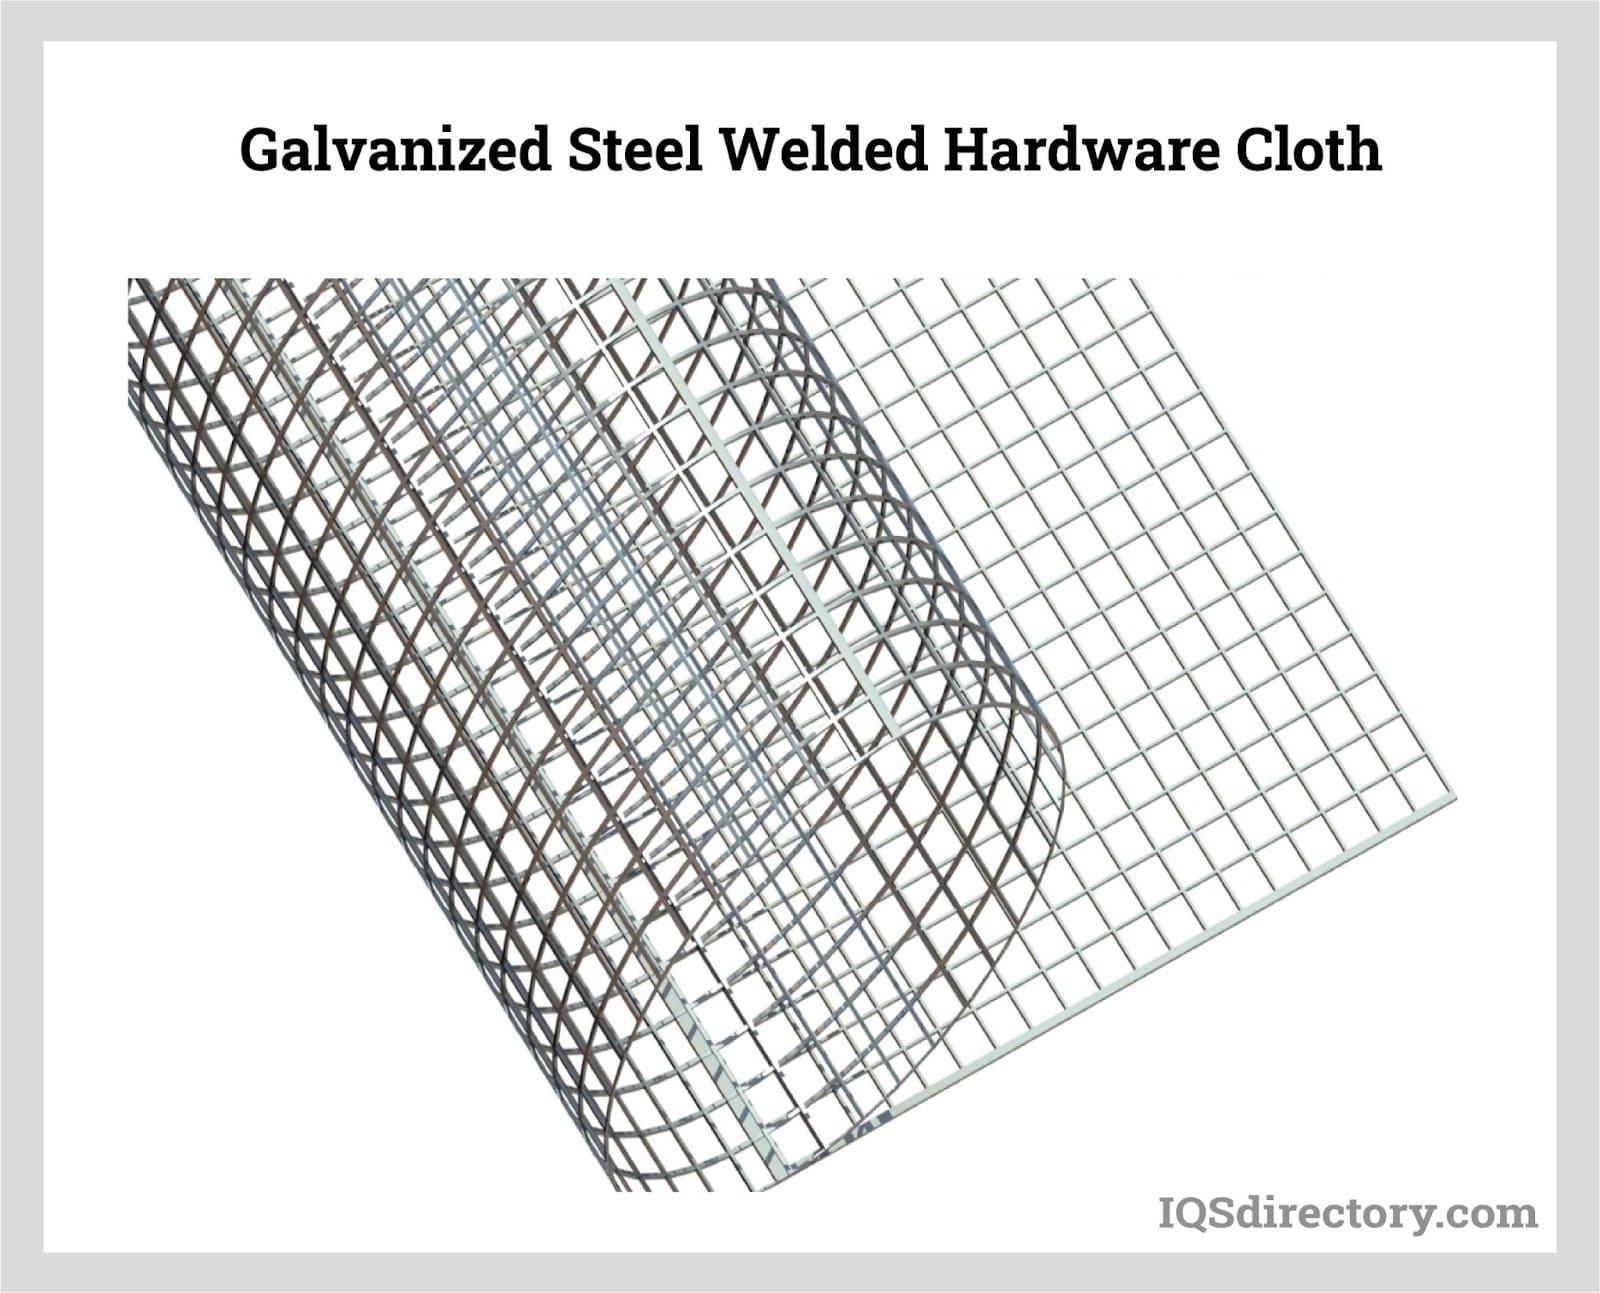 Galvanized Steel Welded Hardware Cloth